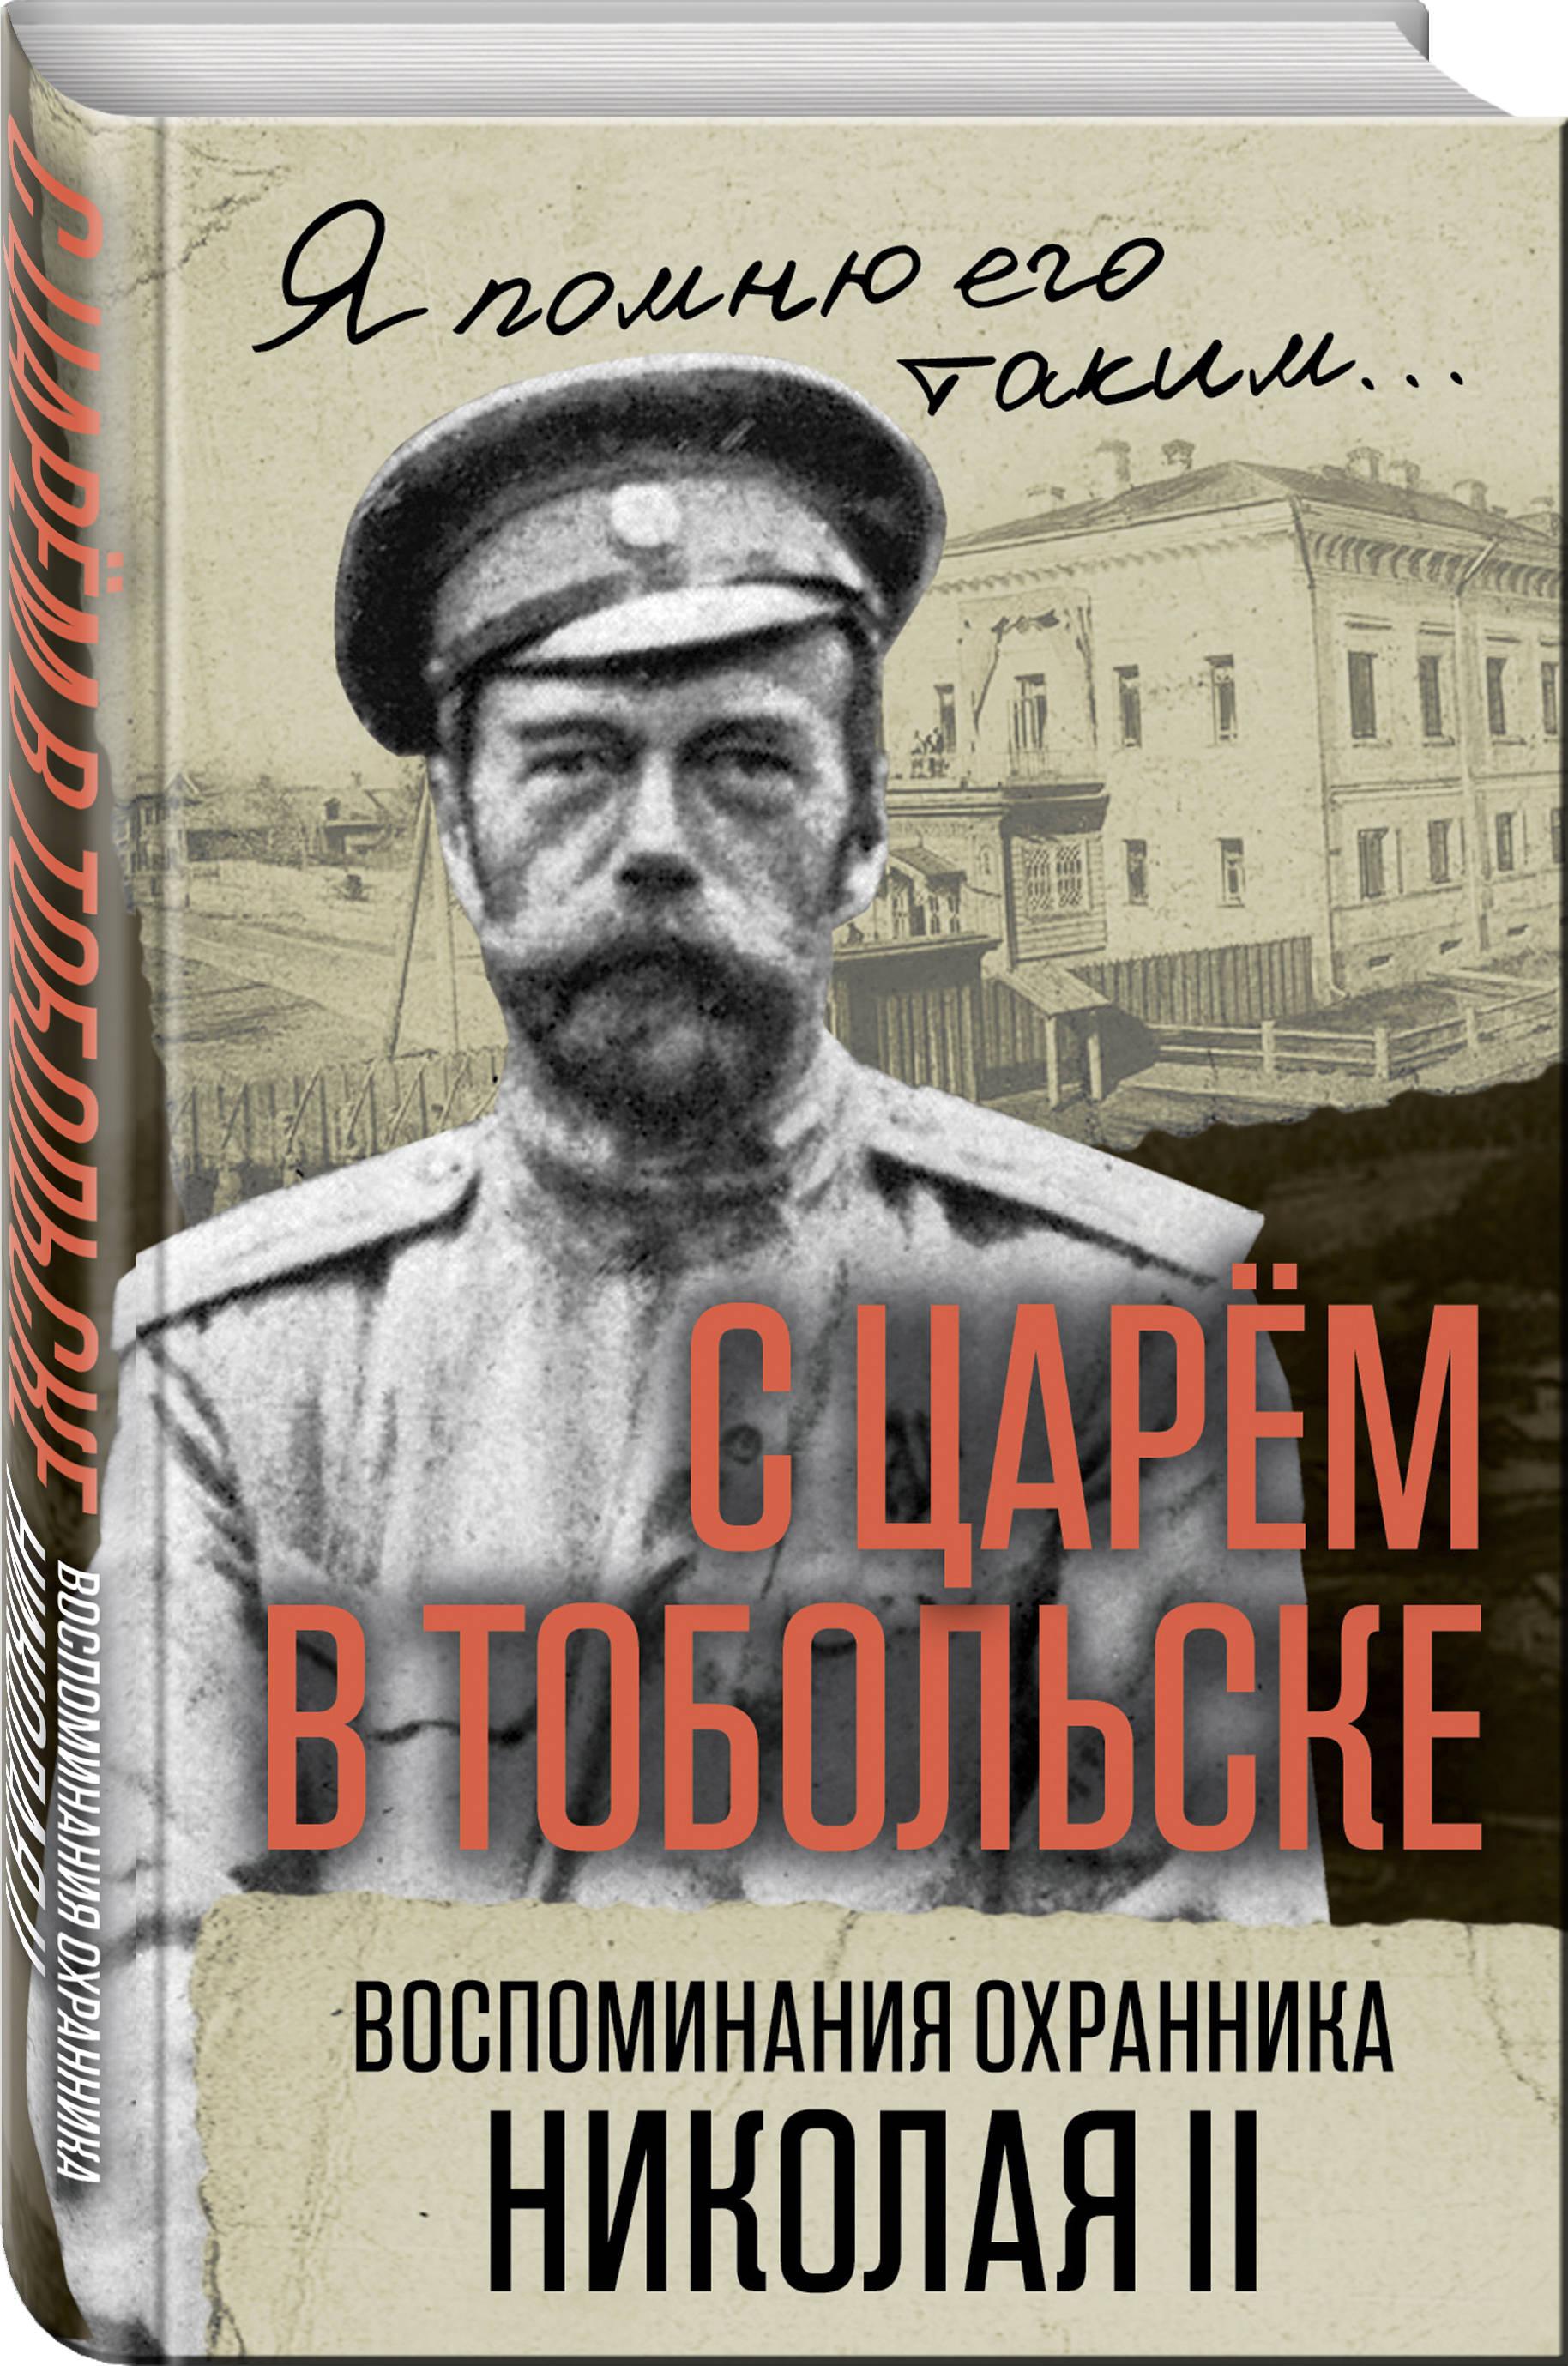 асилий Панкрато С царем . оспоминания охранника Николая II